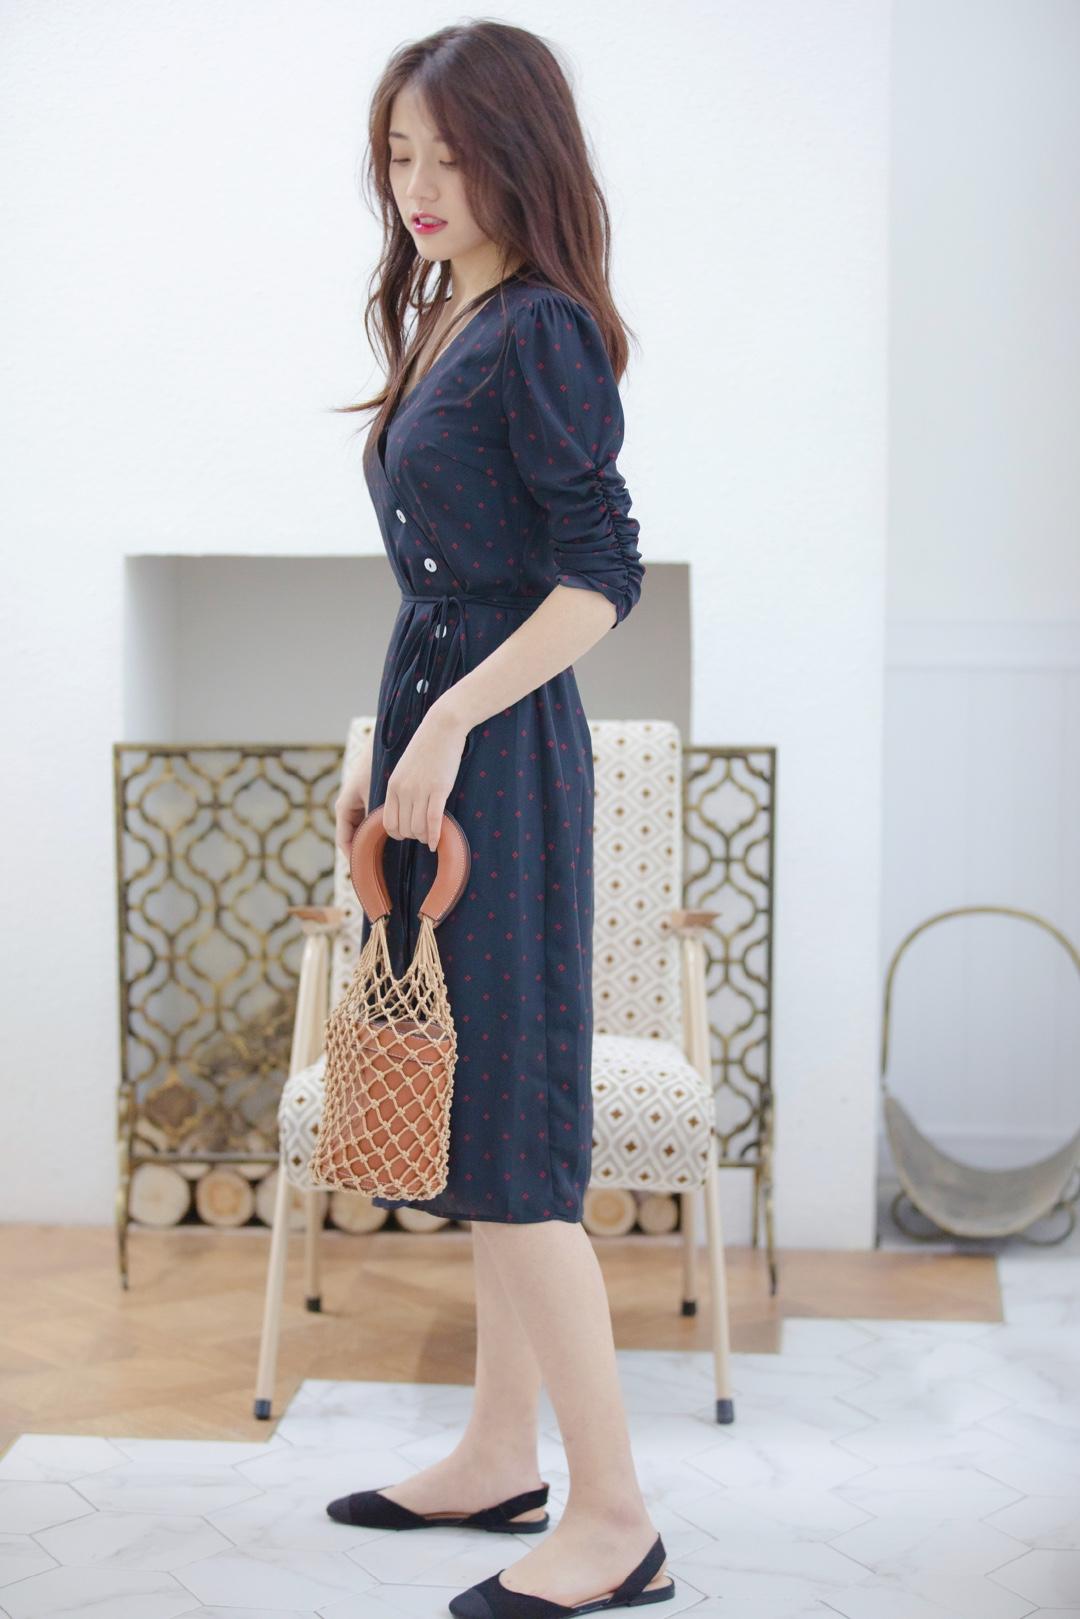 复古波点连衣裙 连衣裙真的是非常方便了,不需要像搭配上衣裤子那么费心,但是它的心思却不比它们的少,真的很有小心机了! 袖口设计完美遮住胳膊上的小肉肉,只露出纤细的一部分。纽扣与抽绳的设计显得整条裙子更加优雅 日常出街和外出旅游都非常适合🤔 #Simple Retro复古法式3.2上新#